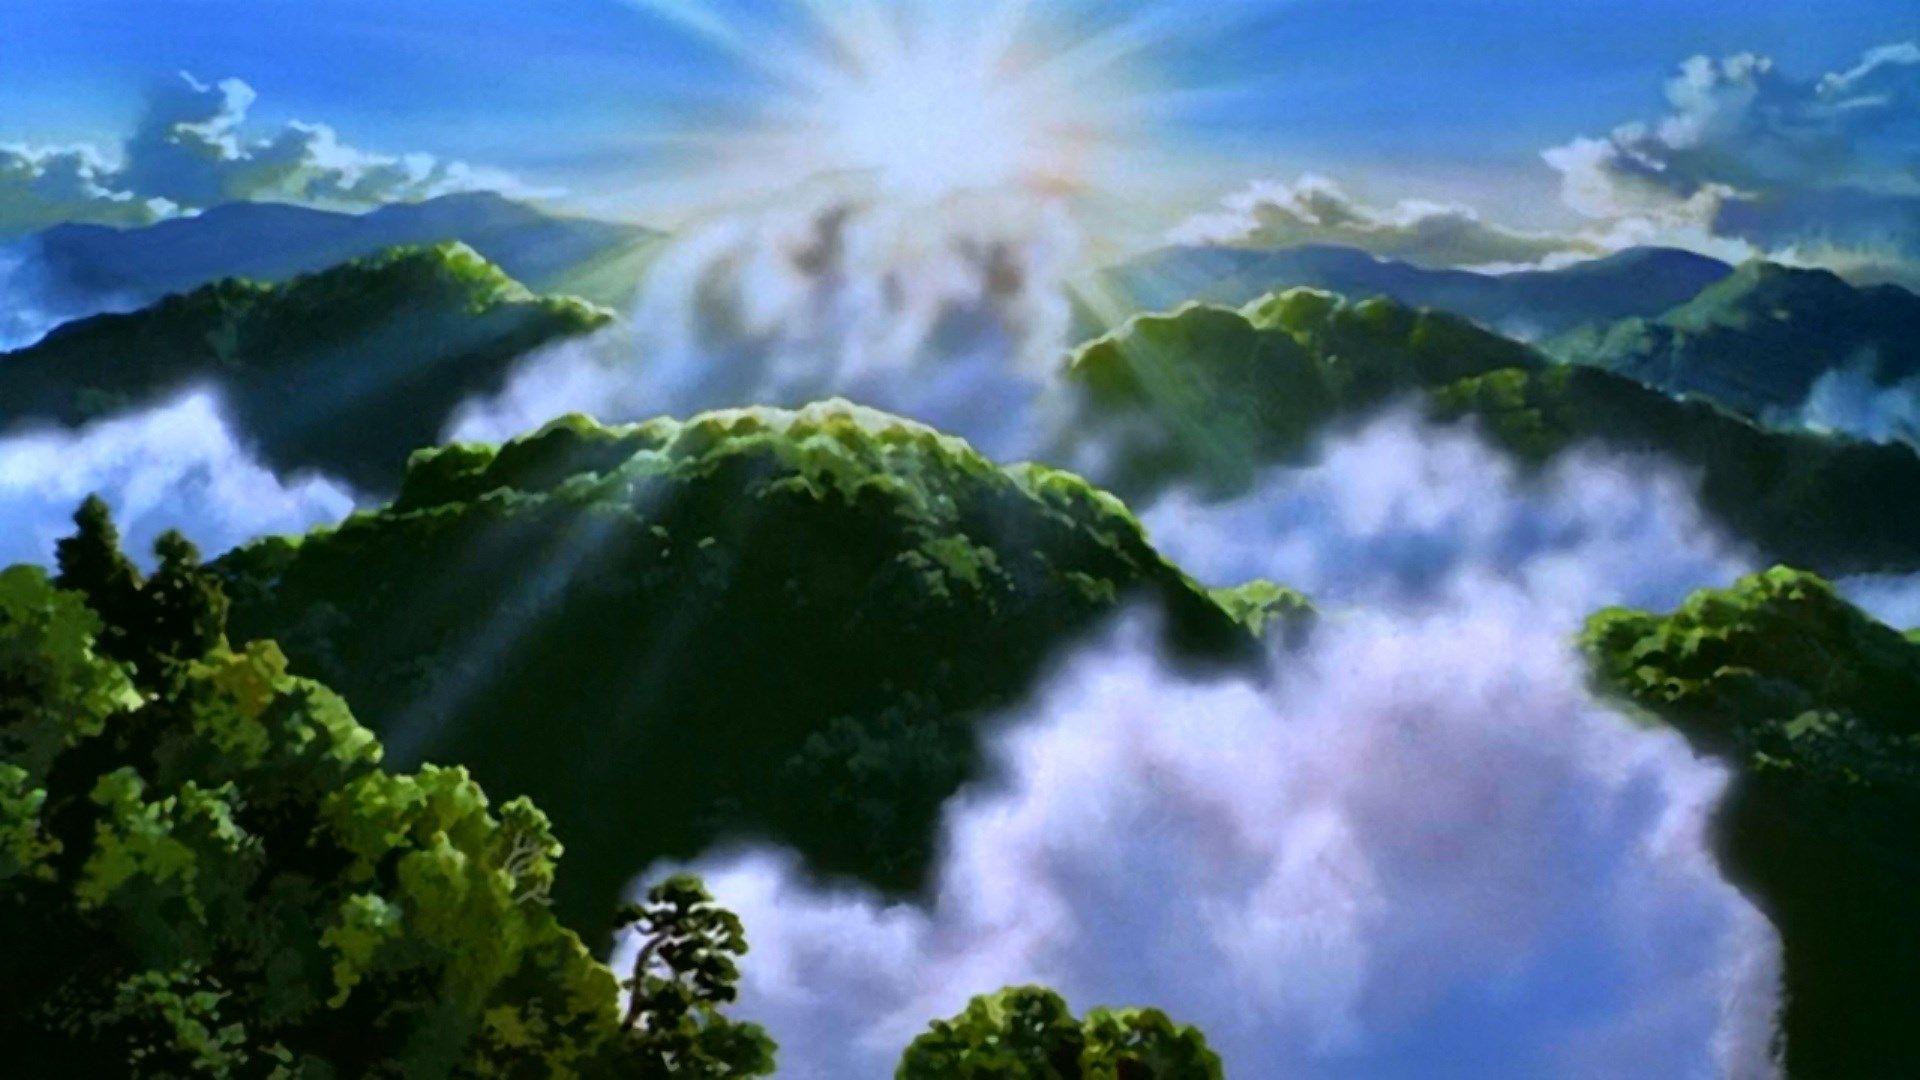 Free Desktop Wallpaper Downloads Princess Mononoke Shipley